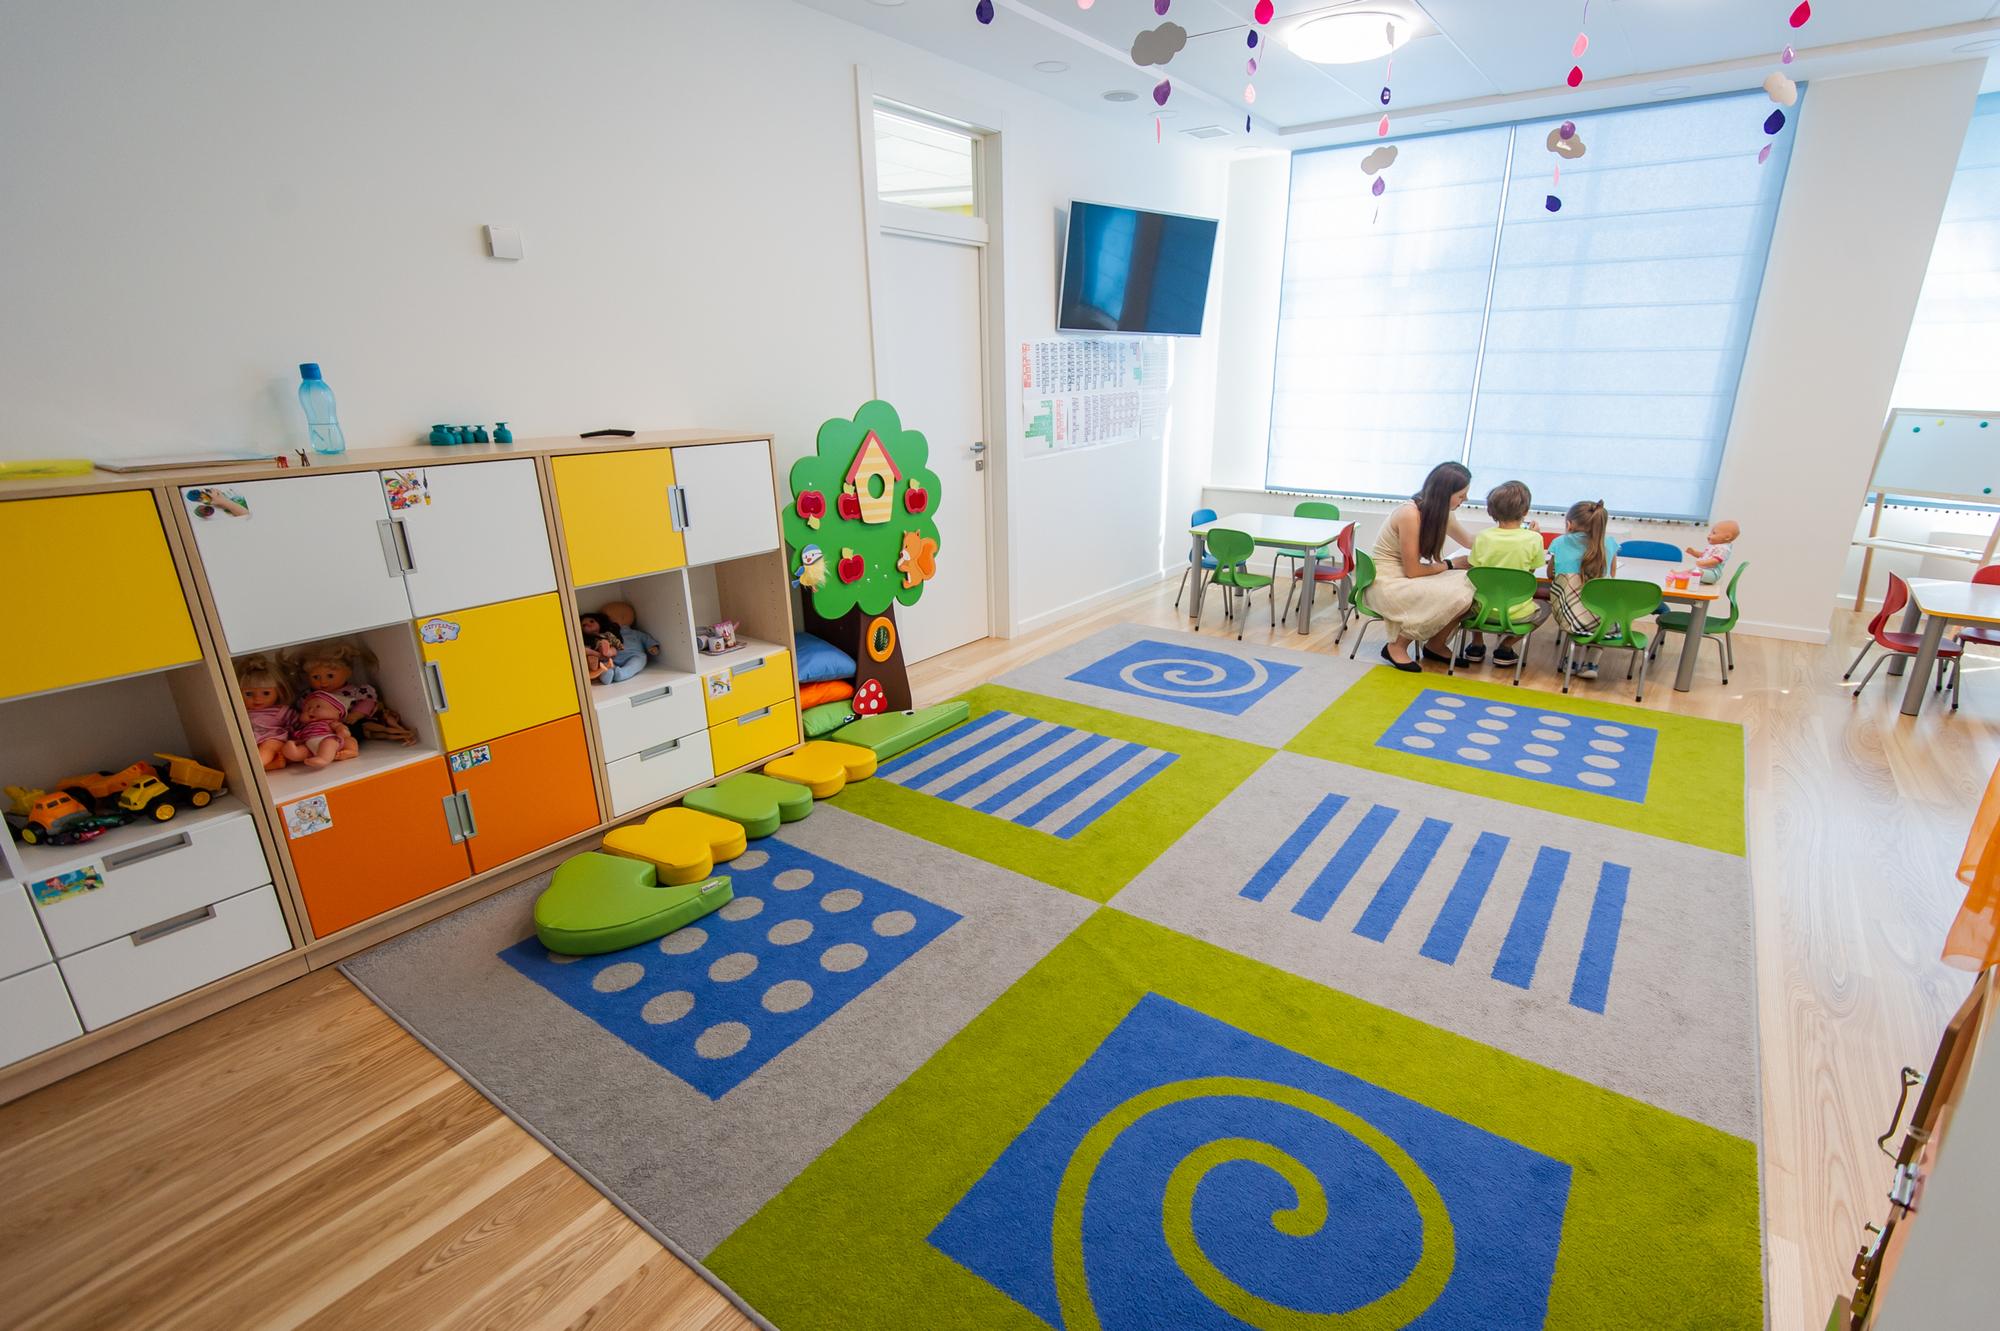 Много времени дети проводят в комнатах для групповых занятий, в компании воспитателя и двух его помощников